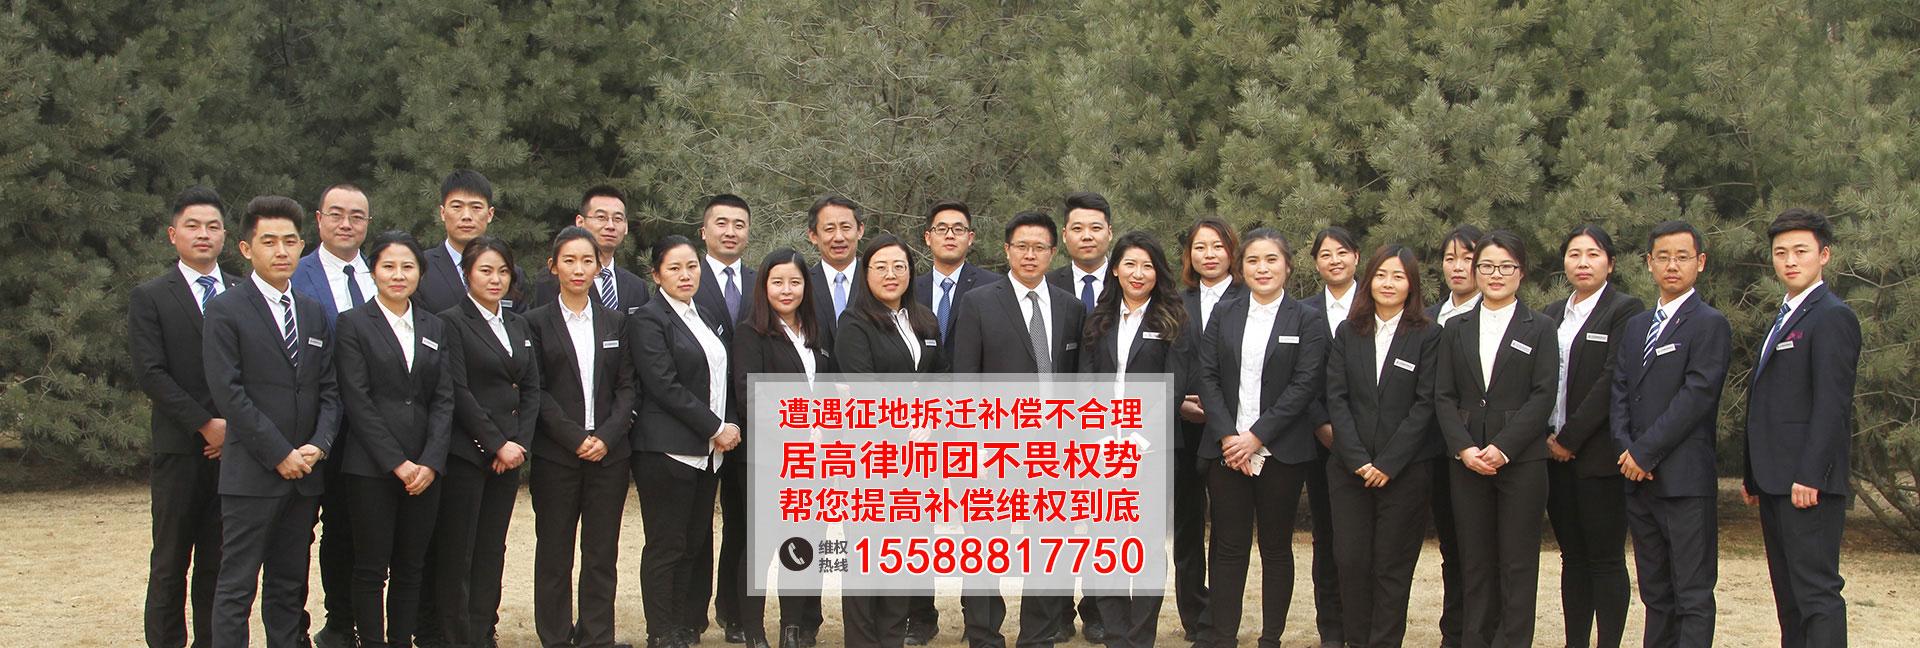 山东房屋征收律师